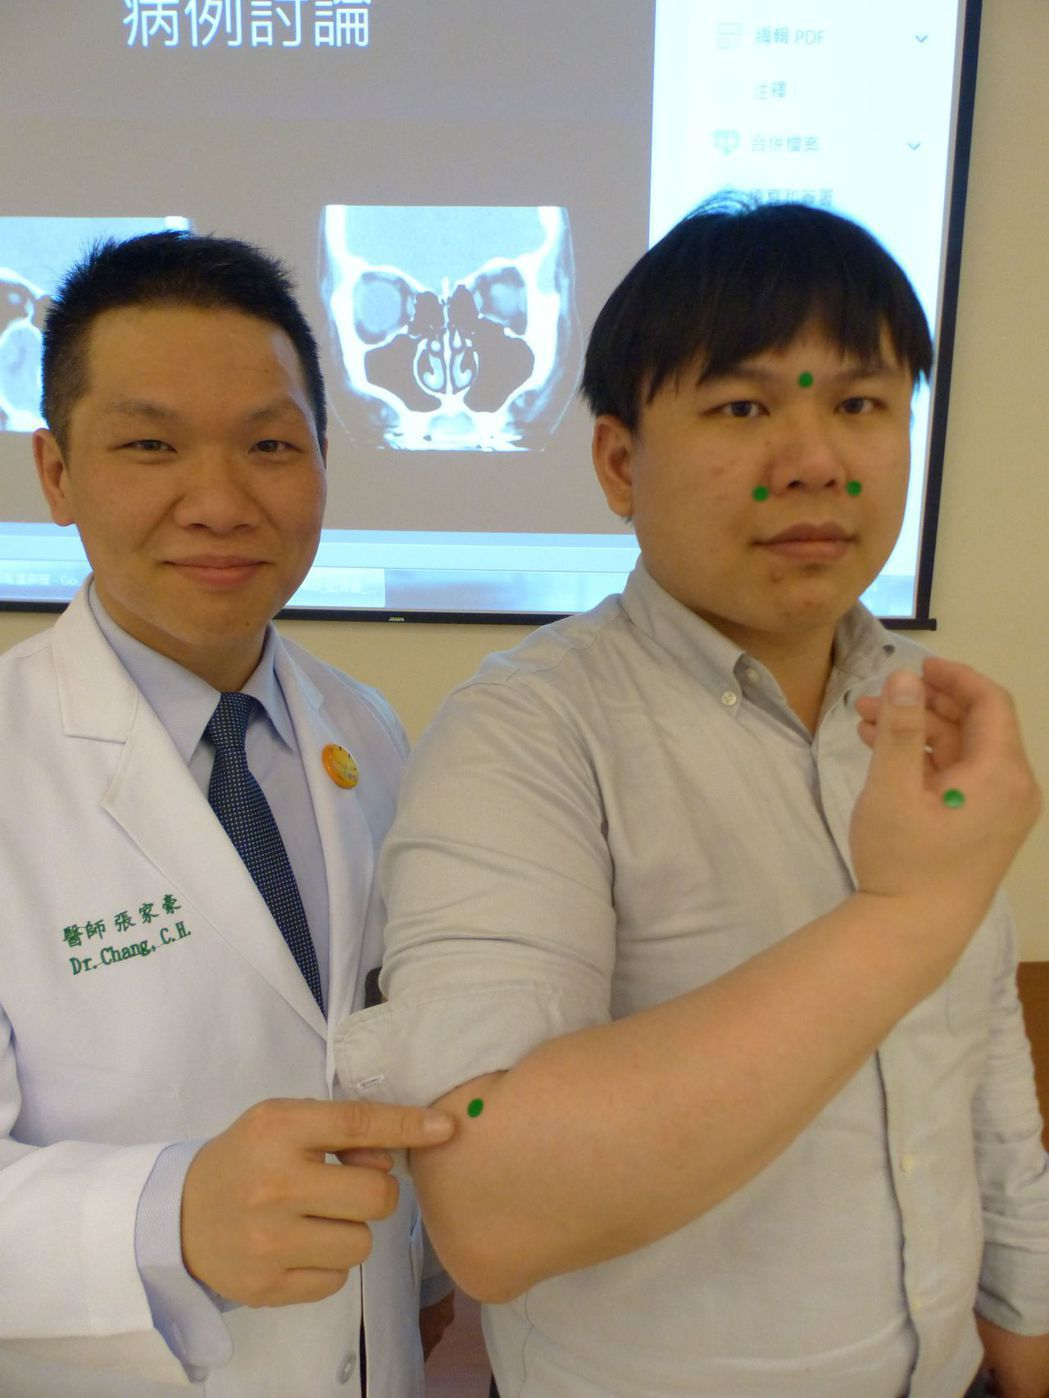 醫師張家豪(左)建議,民眾可早晚按壓手臂上的曲池穴等,促進氣血循環並避免鼻塞(右...